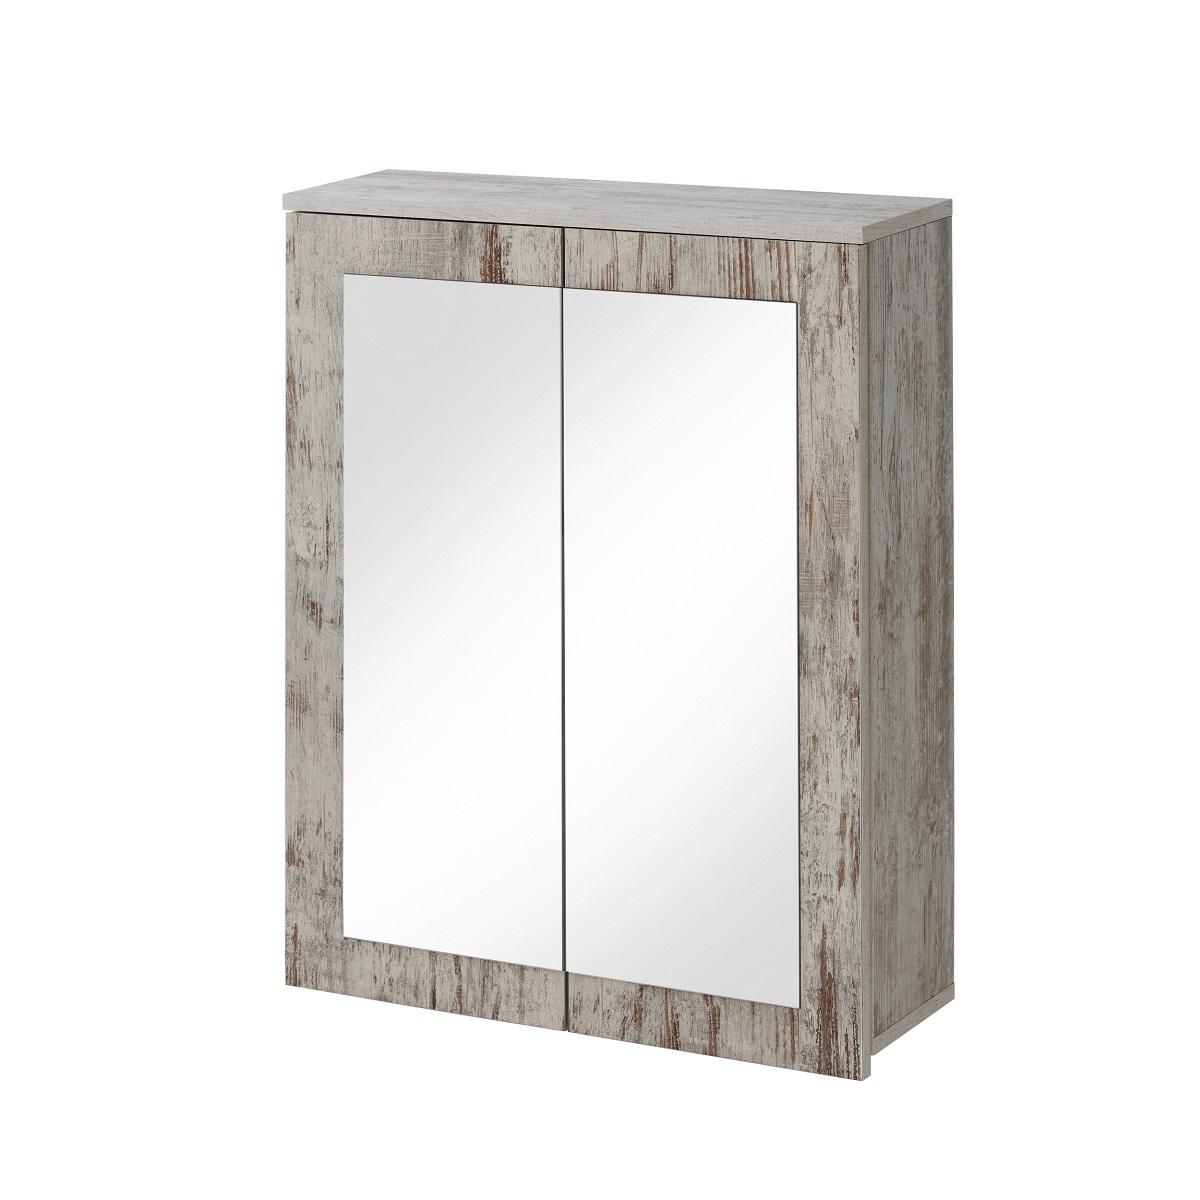 badkamermeubel spiegelkast kopen online internetwinkel